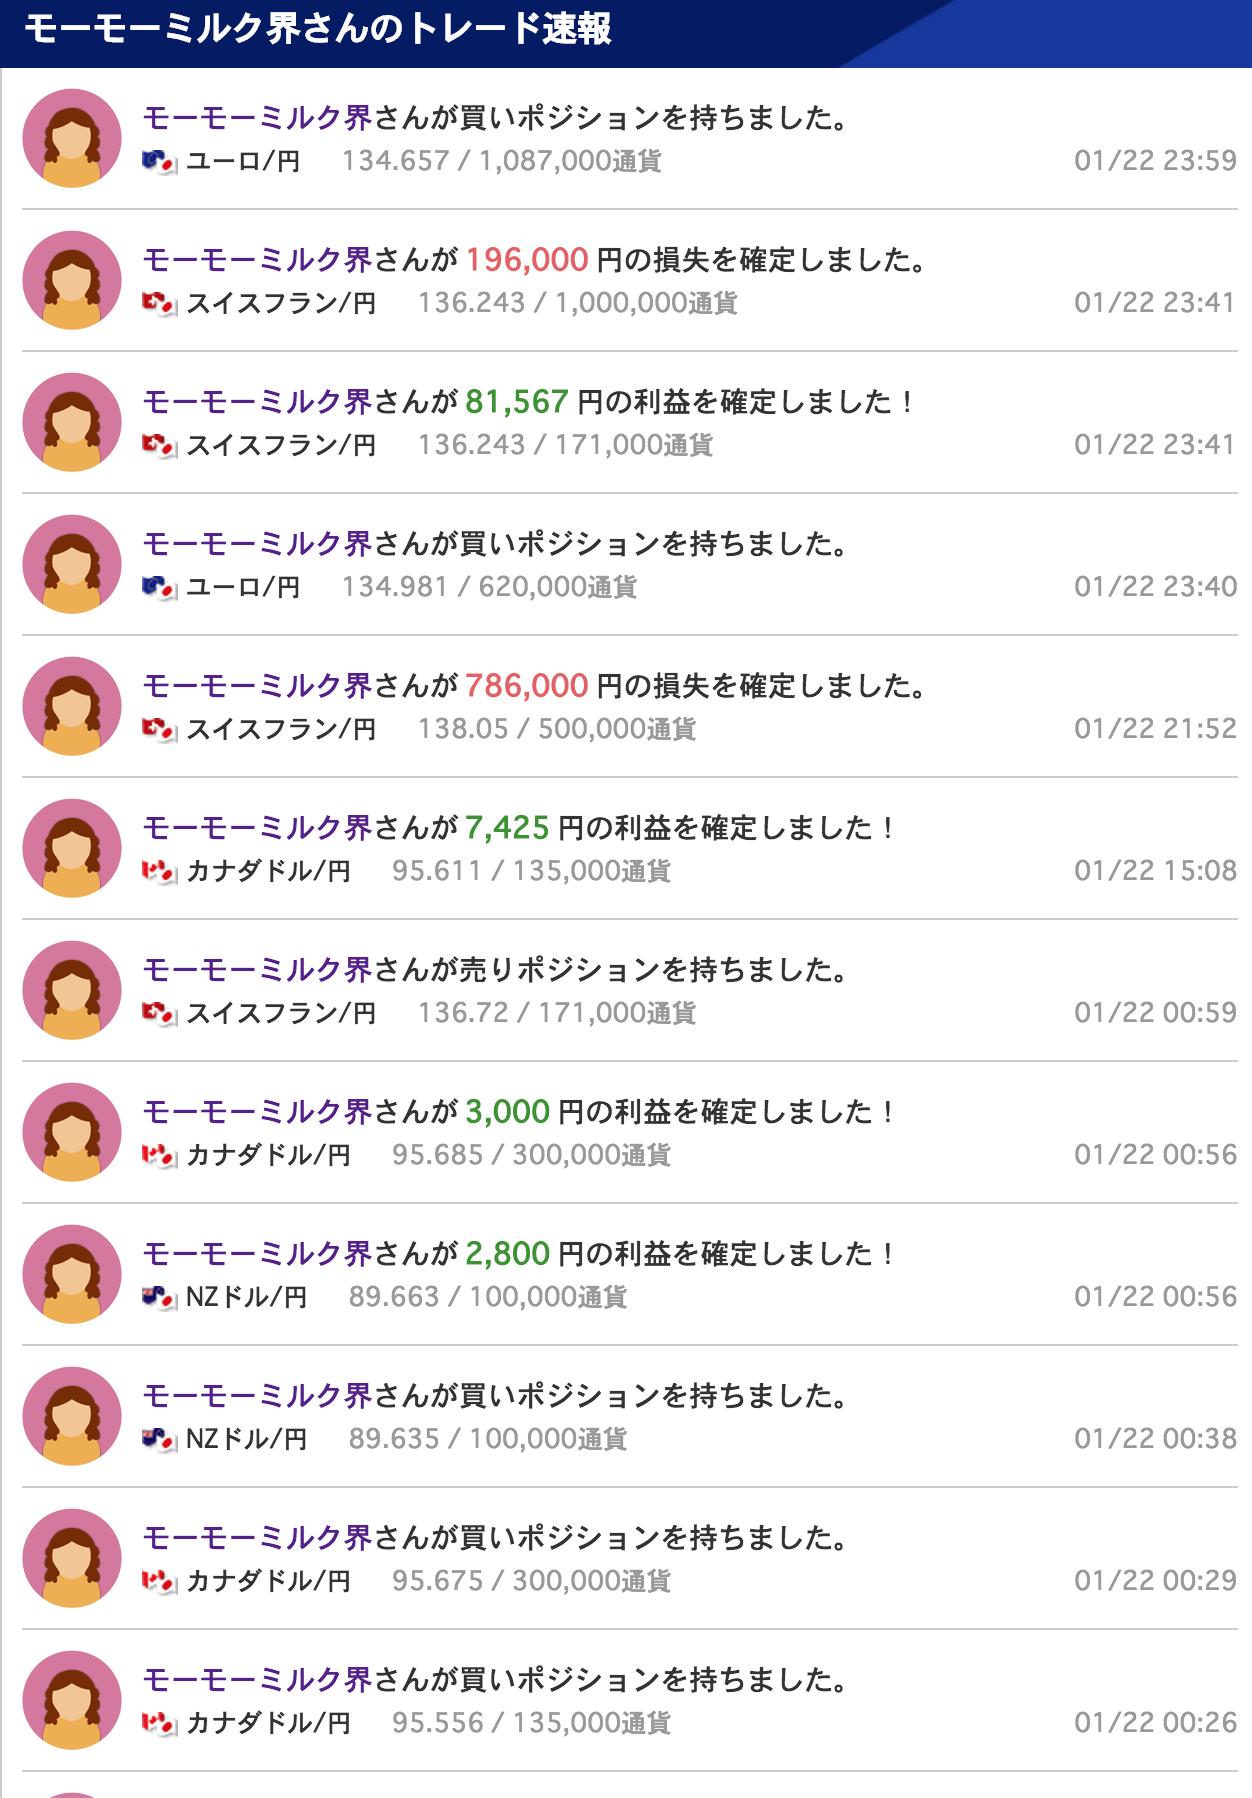 スクリーンショット 2015-01-23 7.16.40